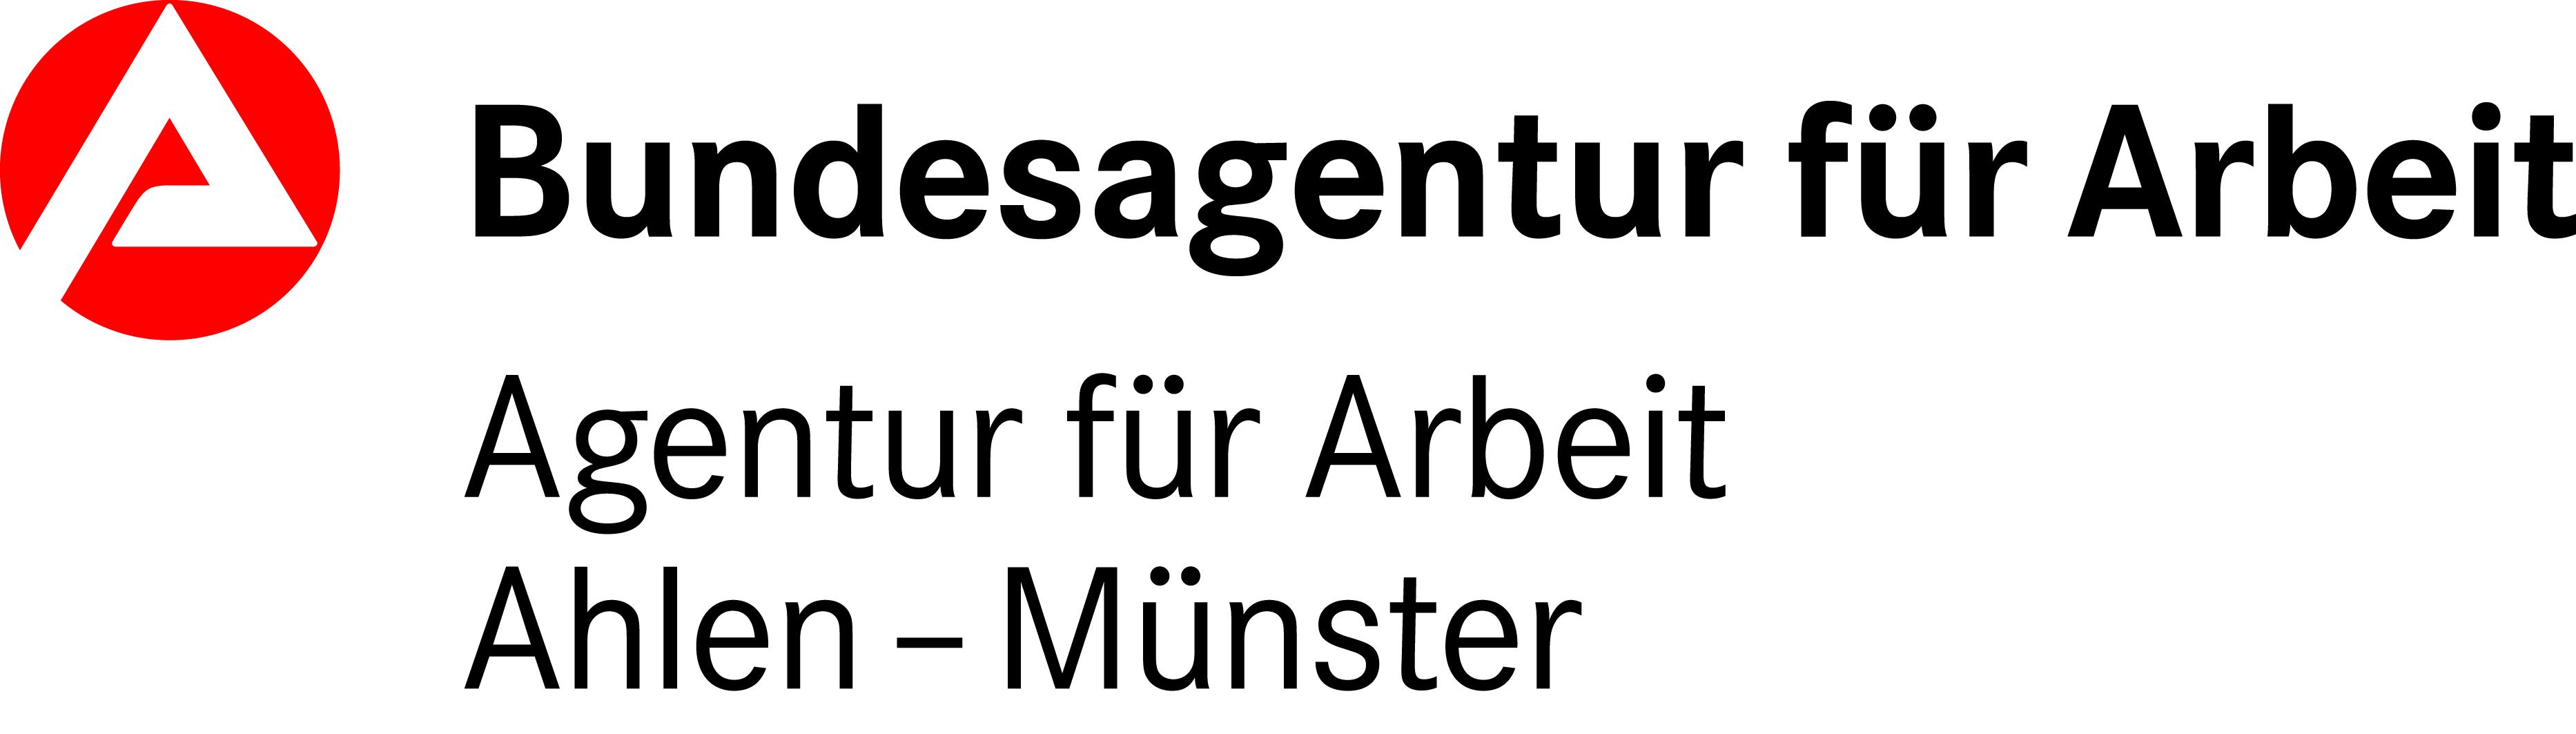 Agentur für Arbeit Ahlen-Münster